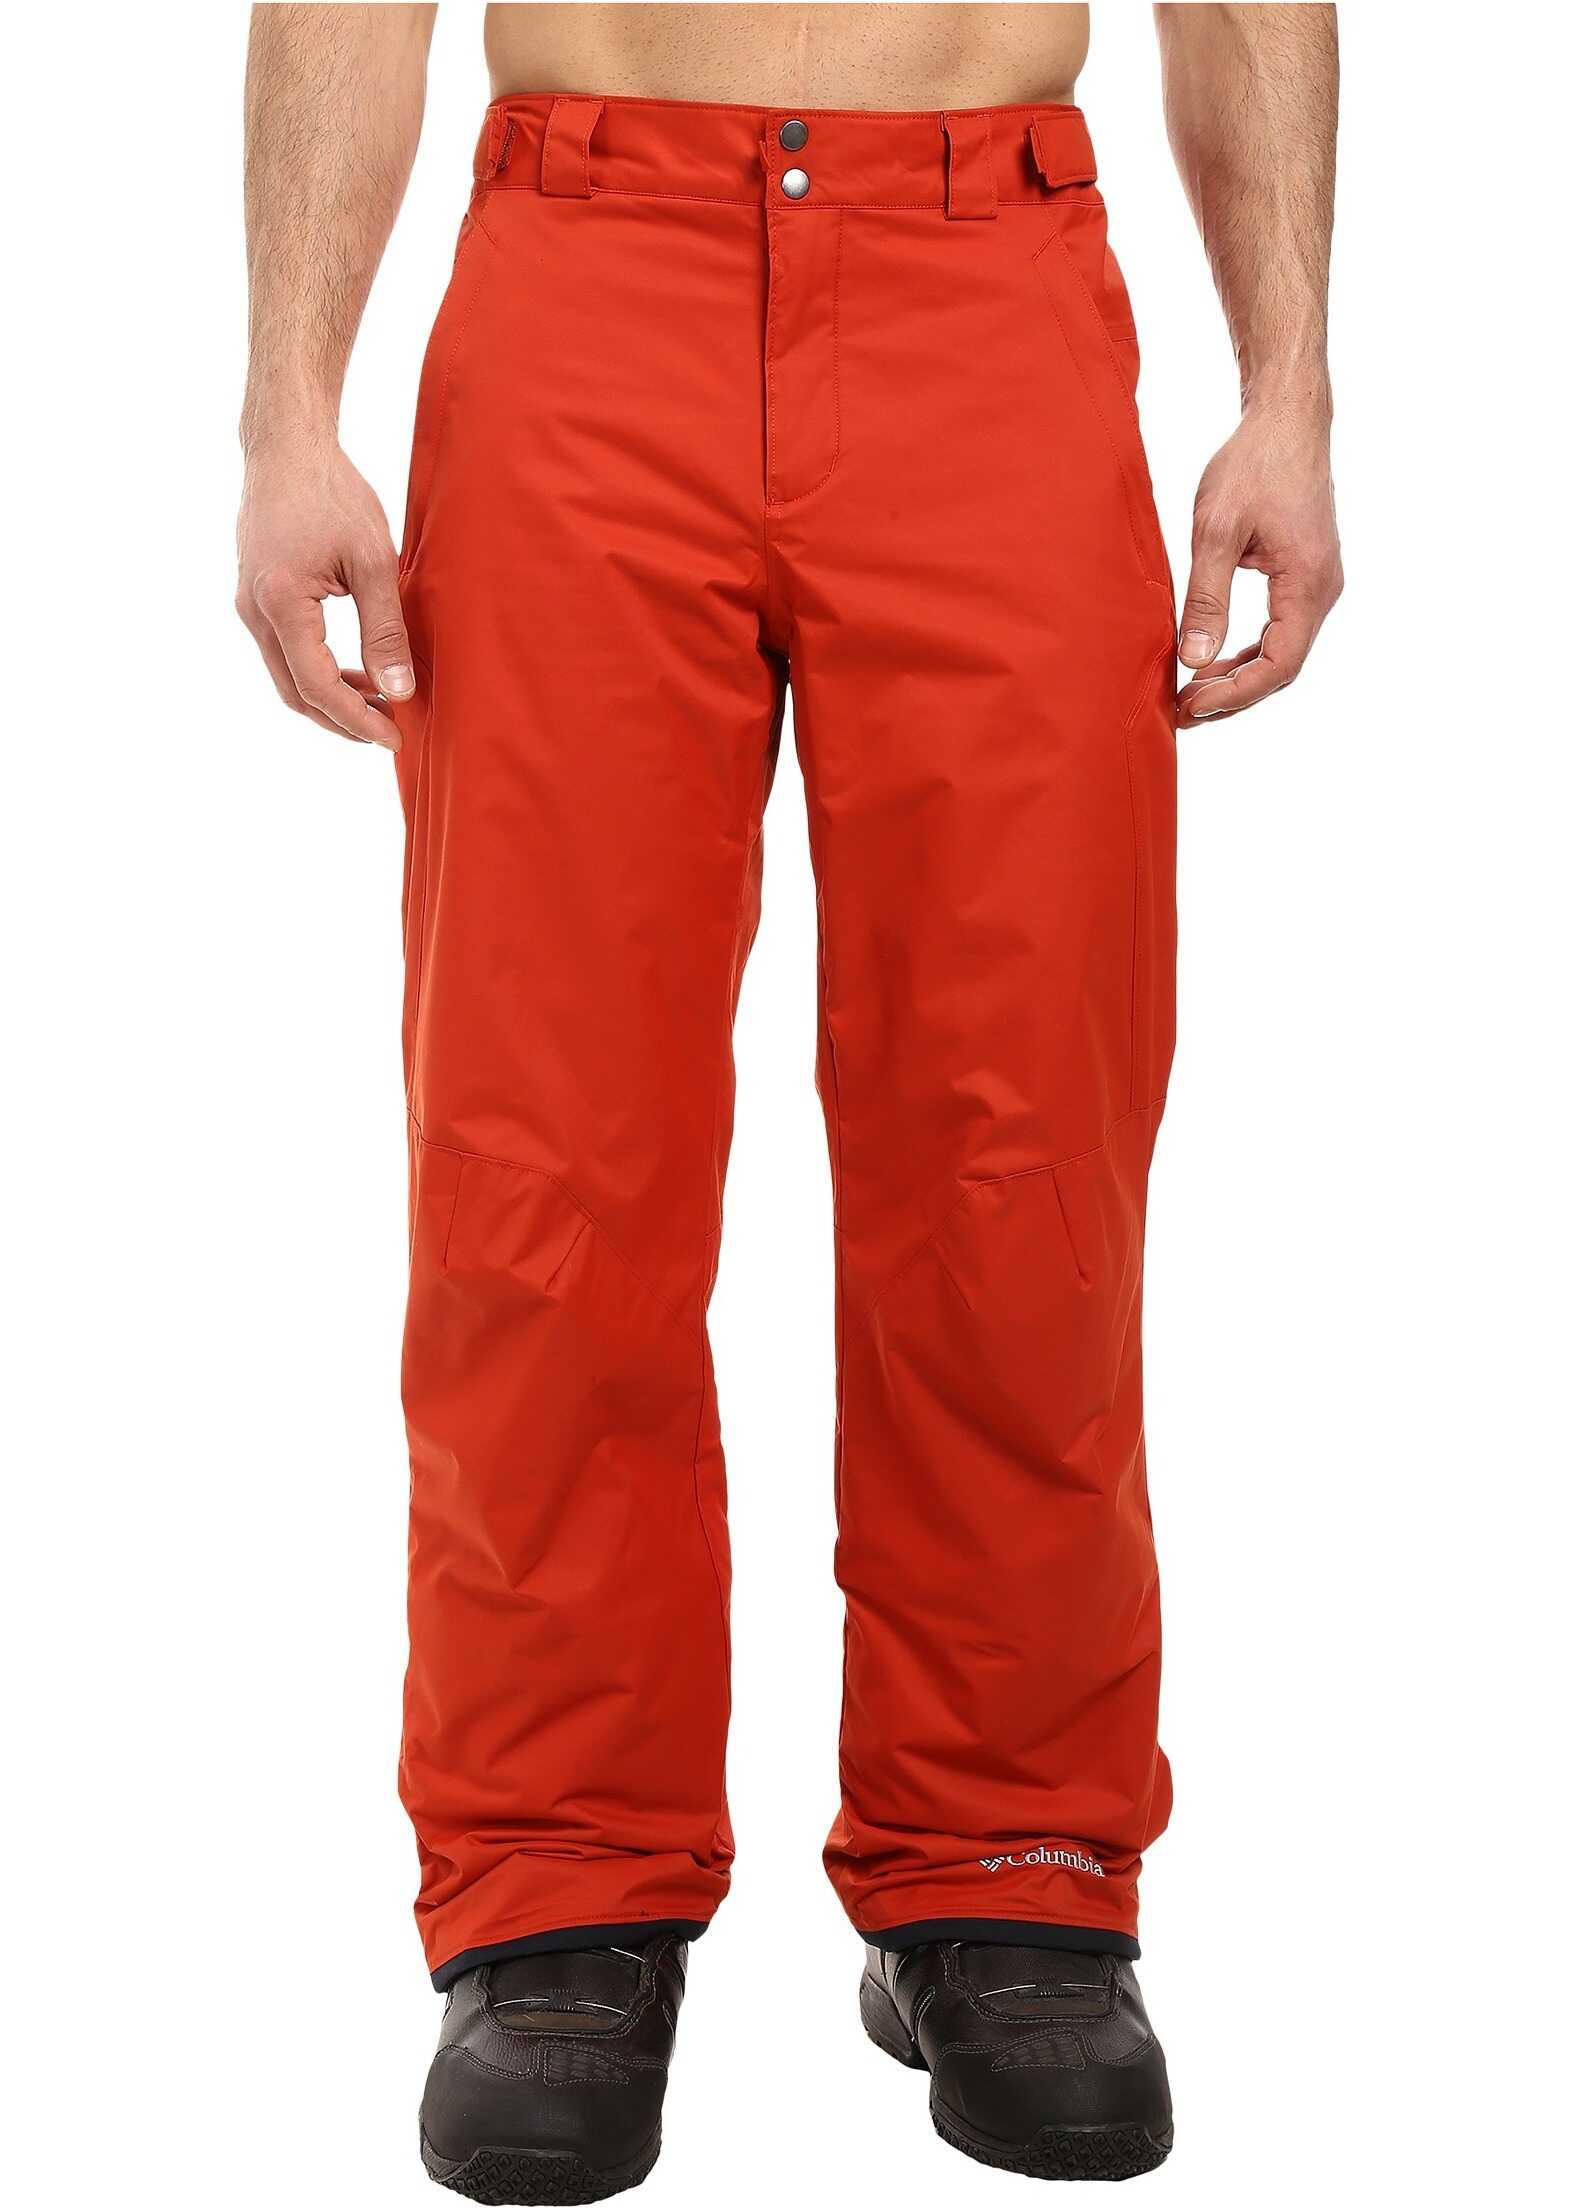 Columbia Bugaboo™ II Pant Rust Red